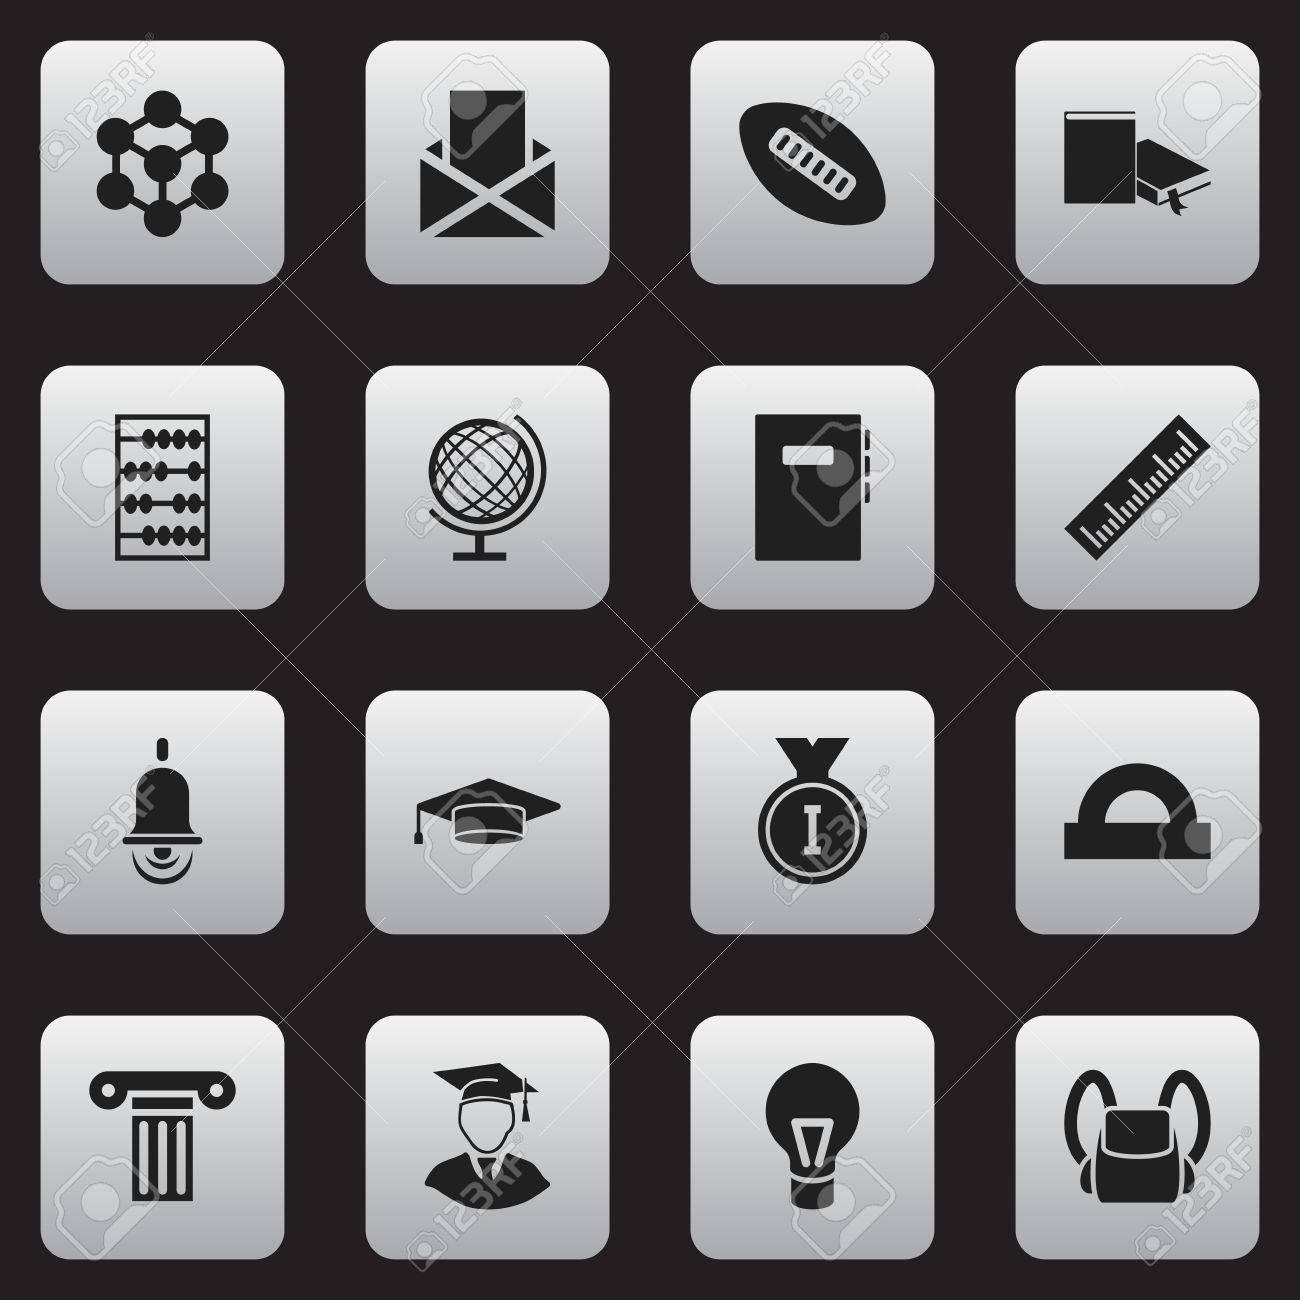 bas prix 3701f 70988 Ensemble de 16 icônes de l'éducation modifiables. Comprend des symboles  tels que classeur, cartable, planète Terre, etc. Peut être utilisé pour  Web, ...